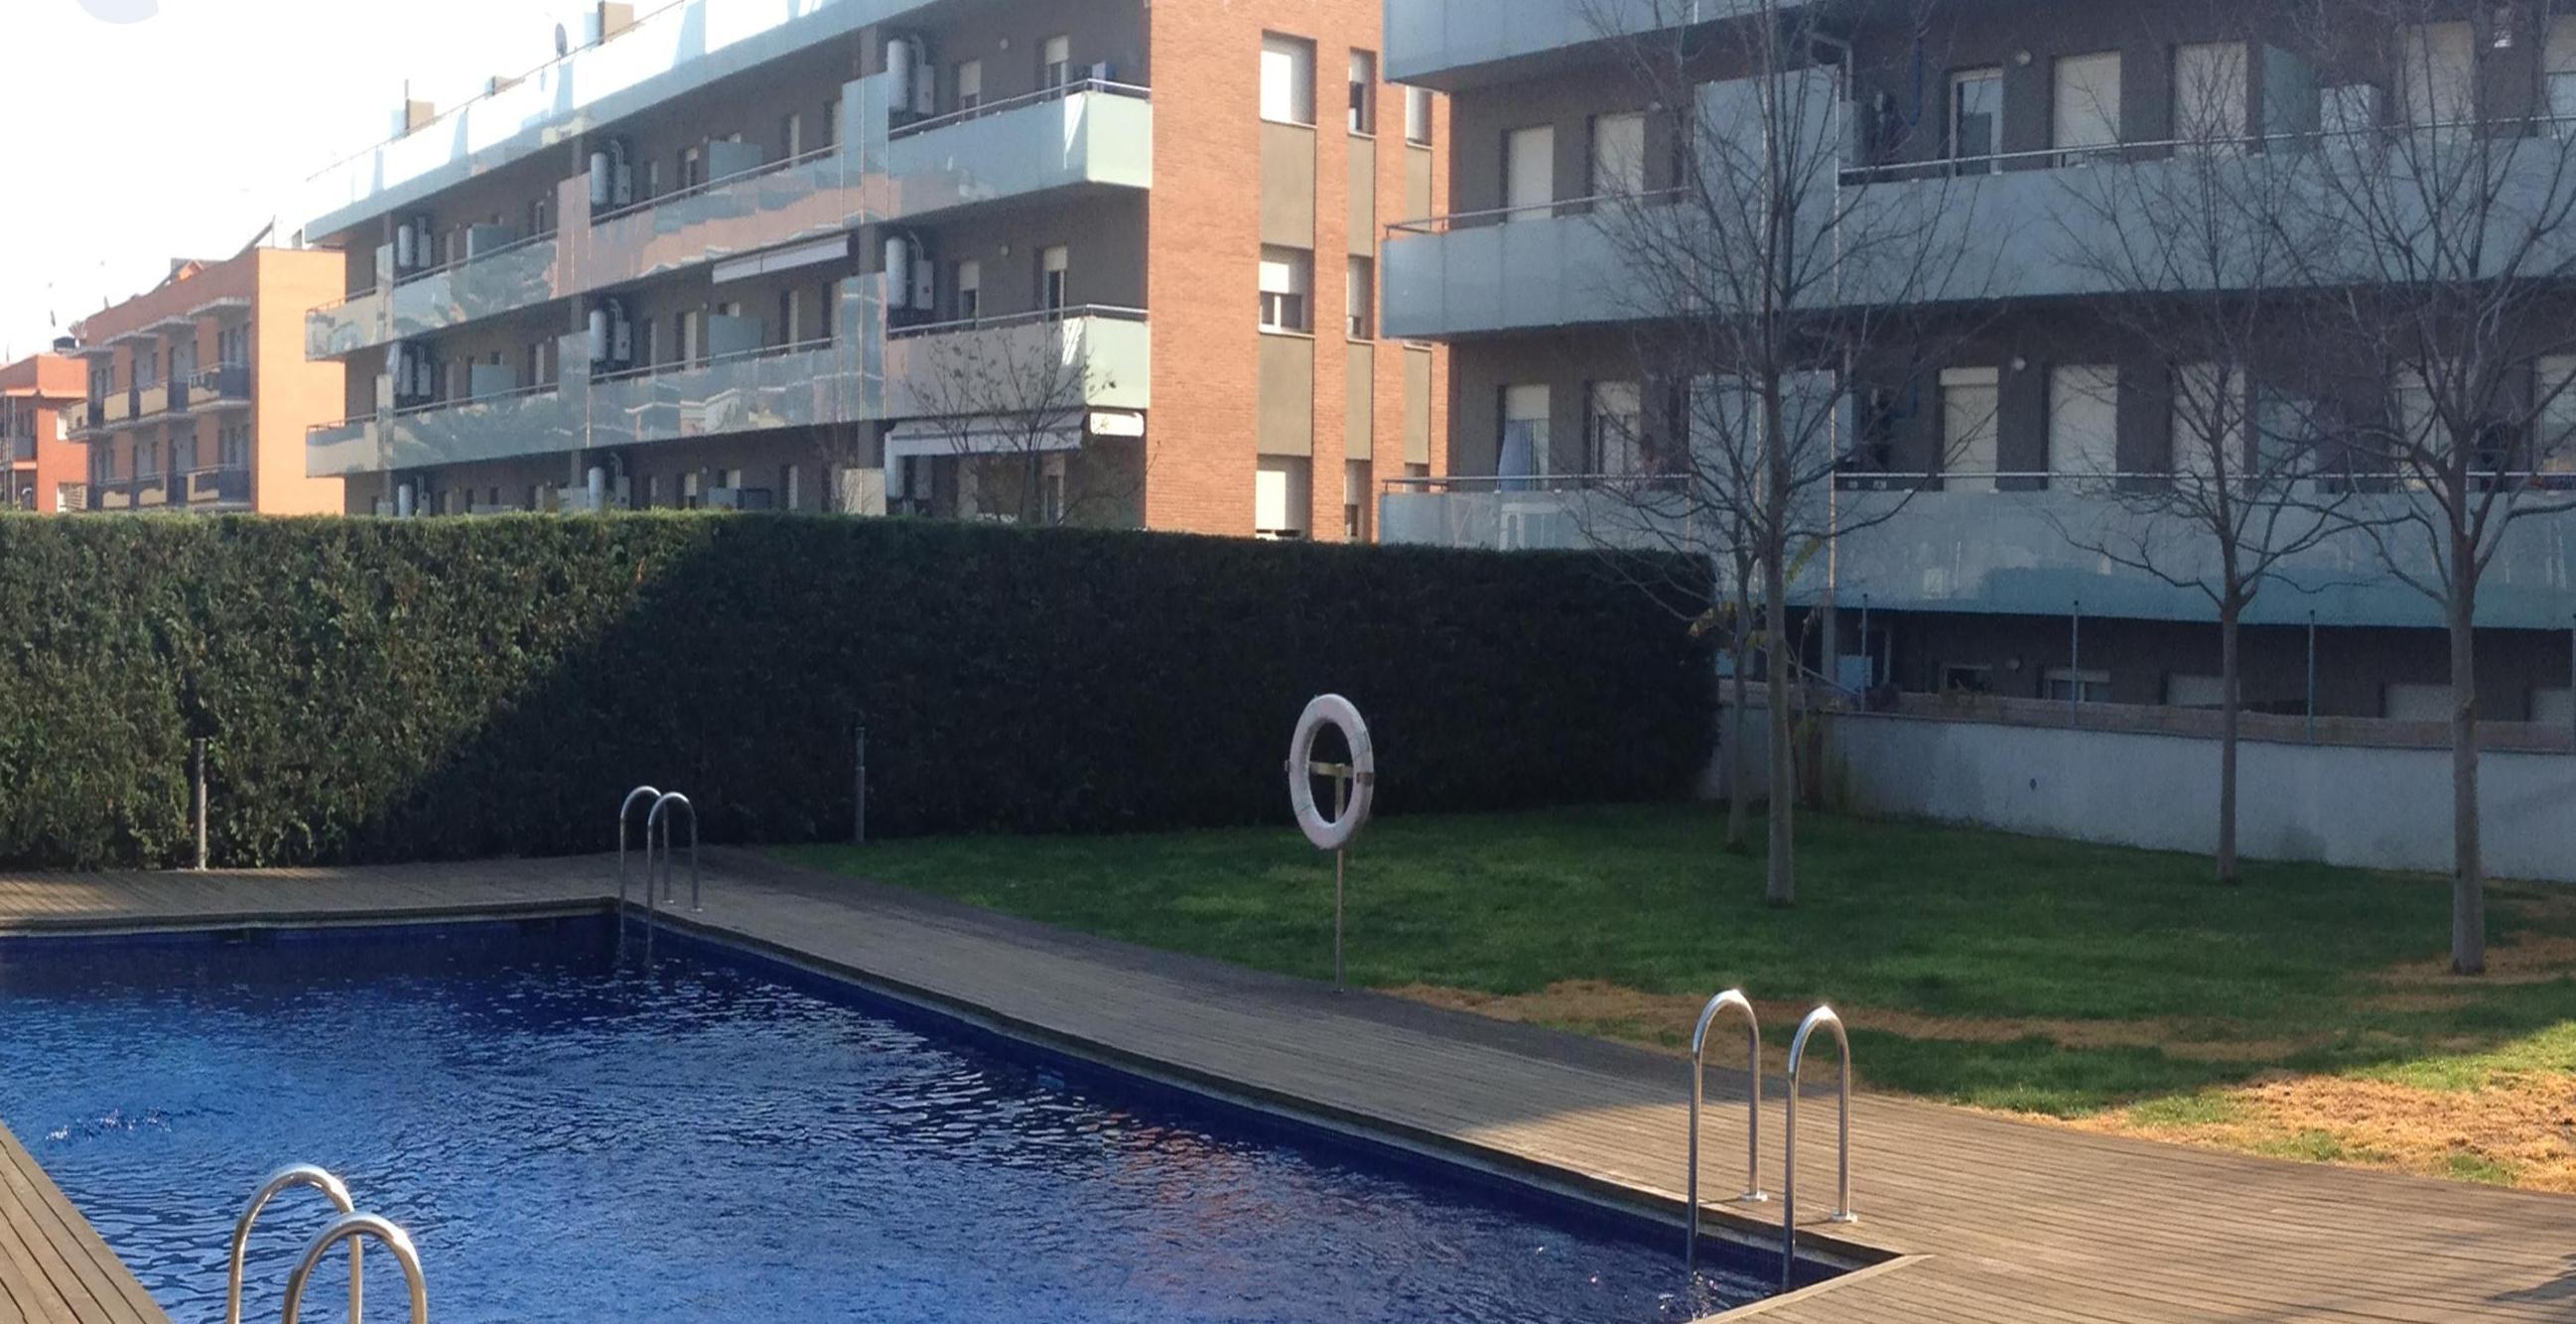 El coste de los alquileres se incrementa un 1 25 area gestio fincas inmobiliaria llavaneres - Area gestio llavaneres ...